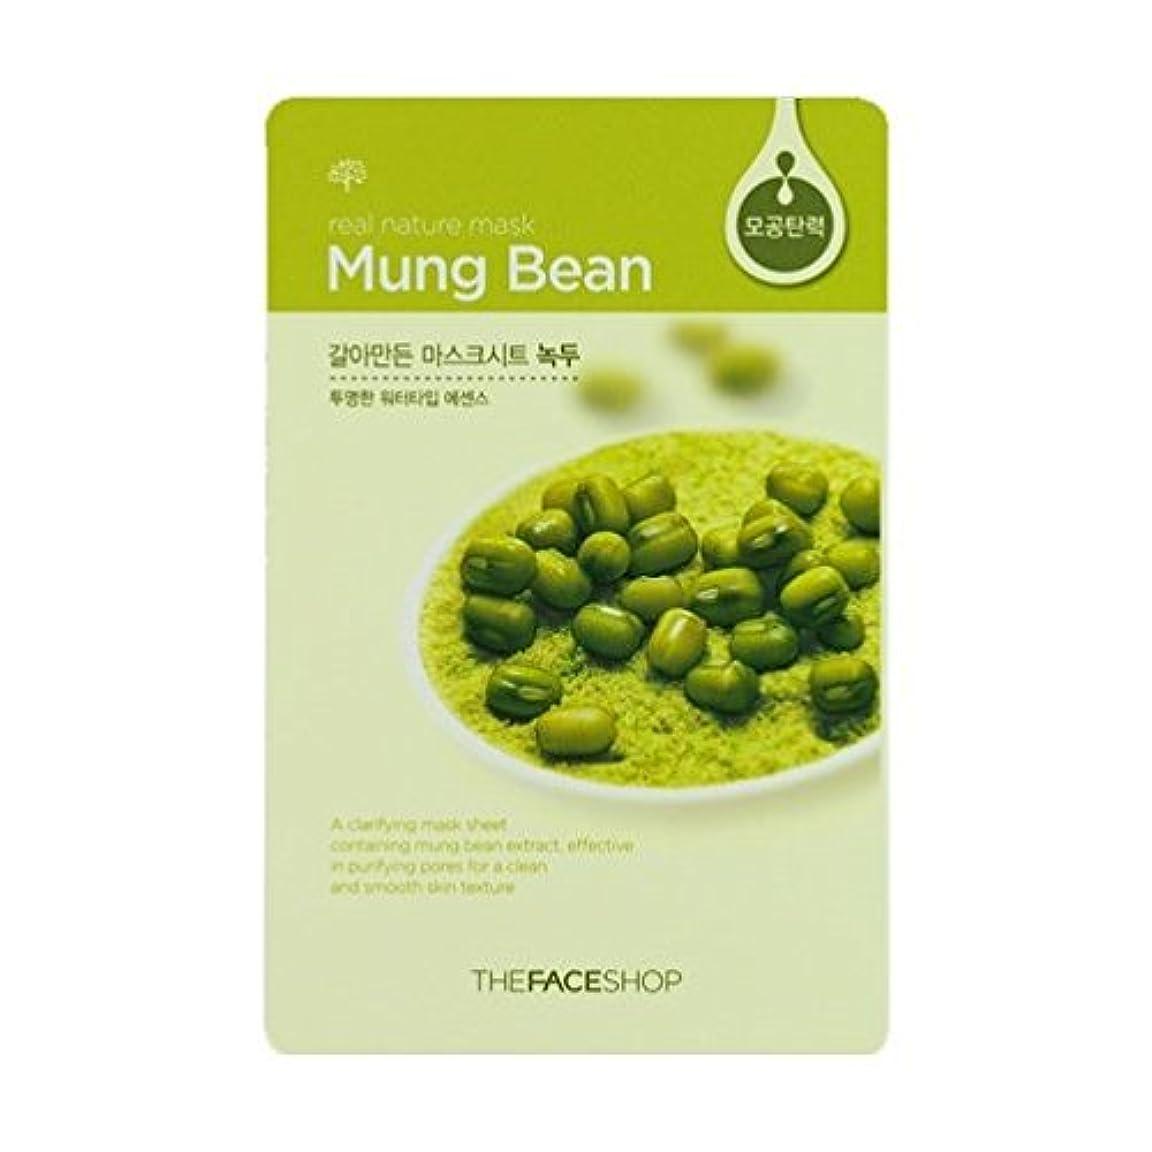 学部長冒険家コール[ザフェイスショップ] THE FACE SHOP [リアルナチュラル マスクシート] (Real Nature Mask Sheet) (Mask Sheet Mung Bean 30枚) [並行輸入品]